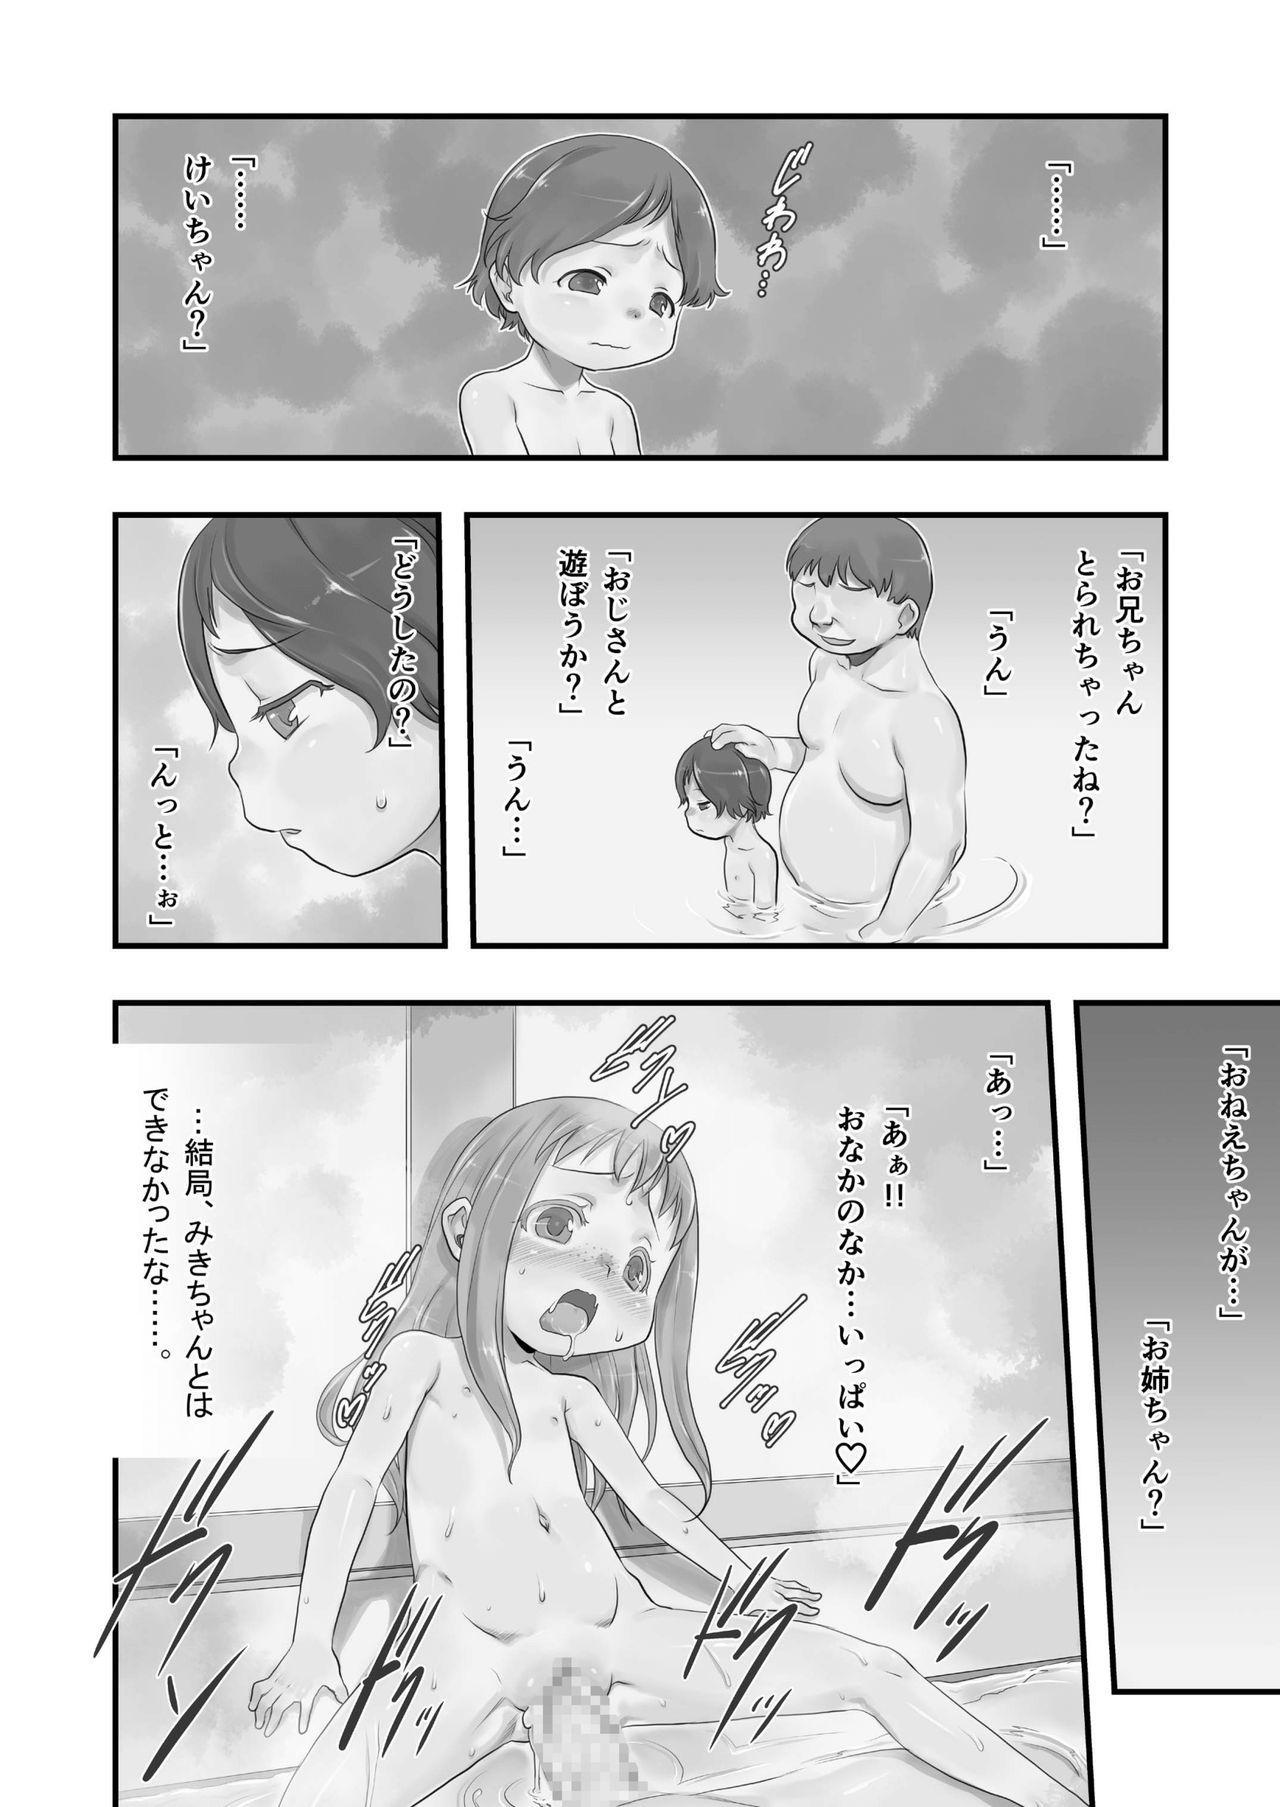 Ichiban Sentou 11